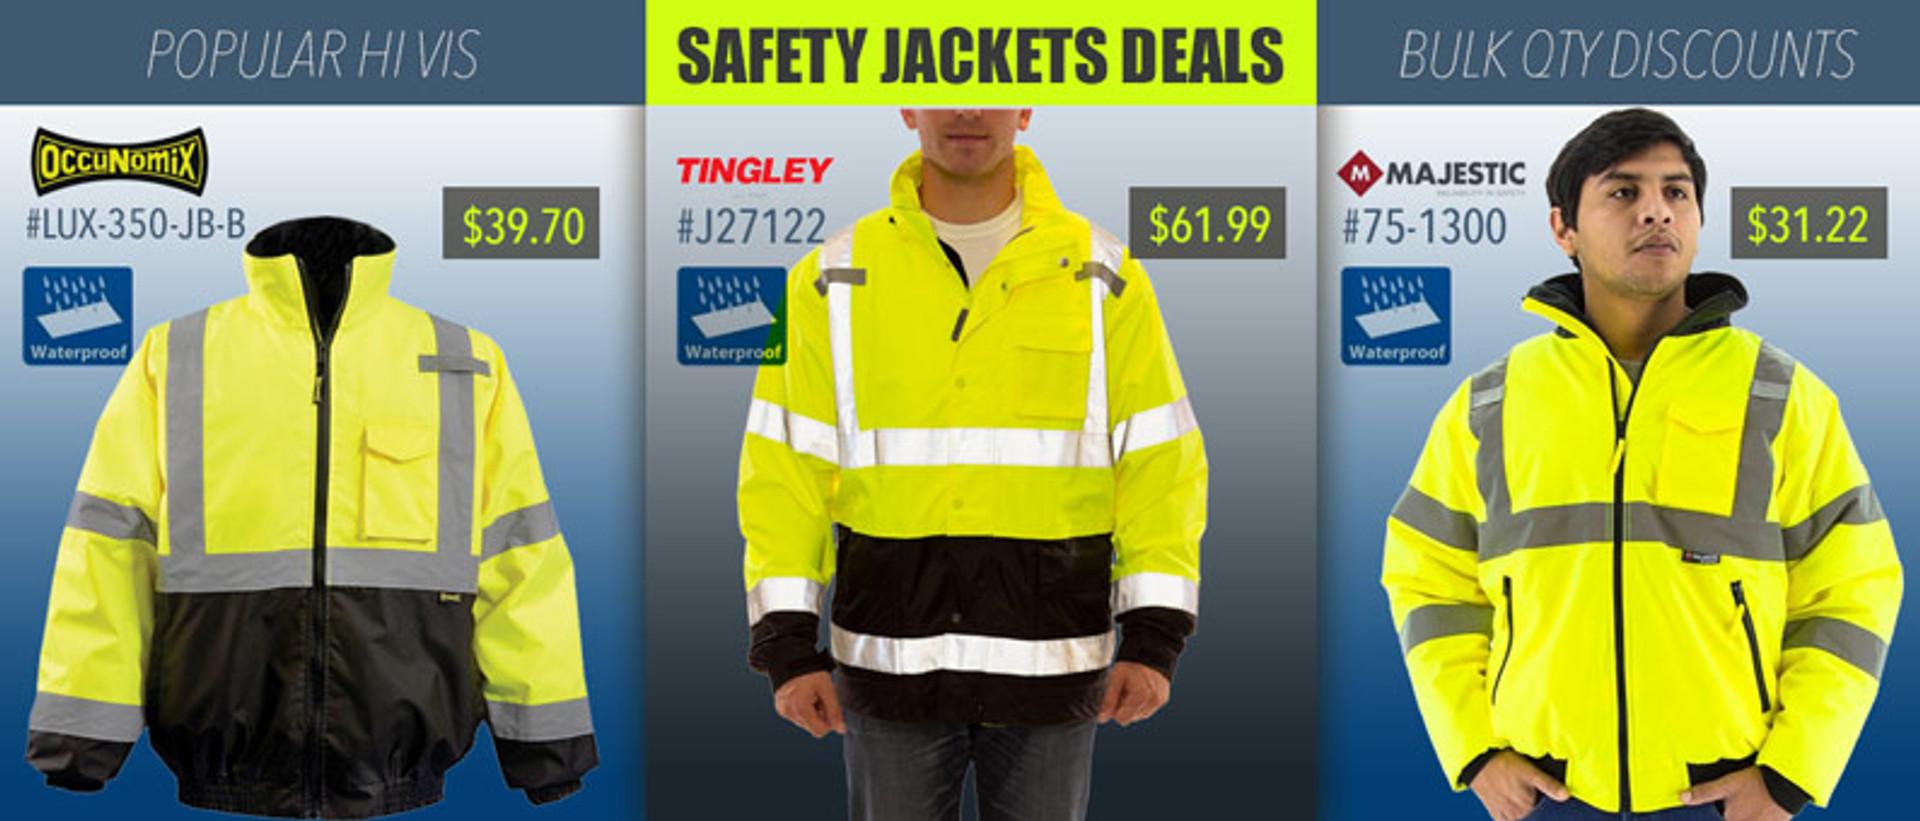 Safety Jackets - Hi Vis Deals